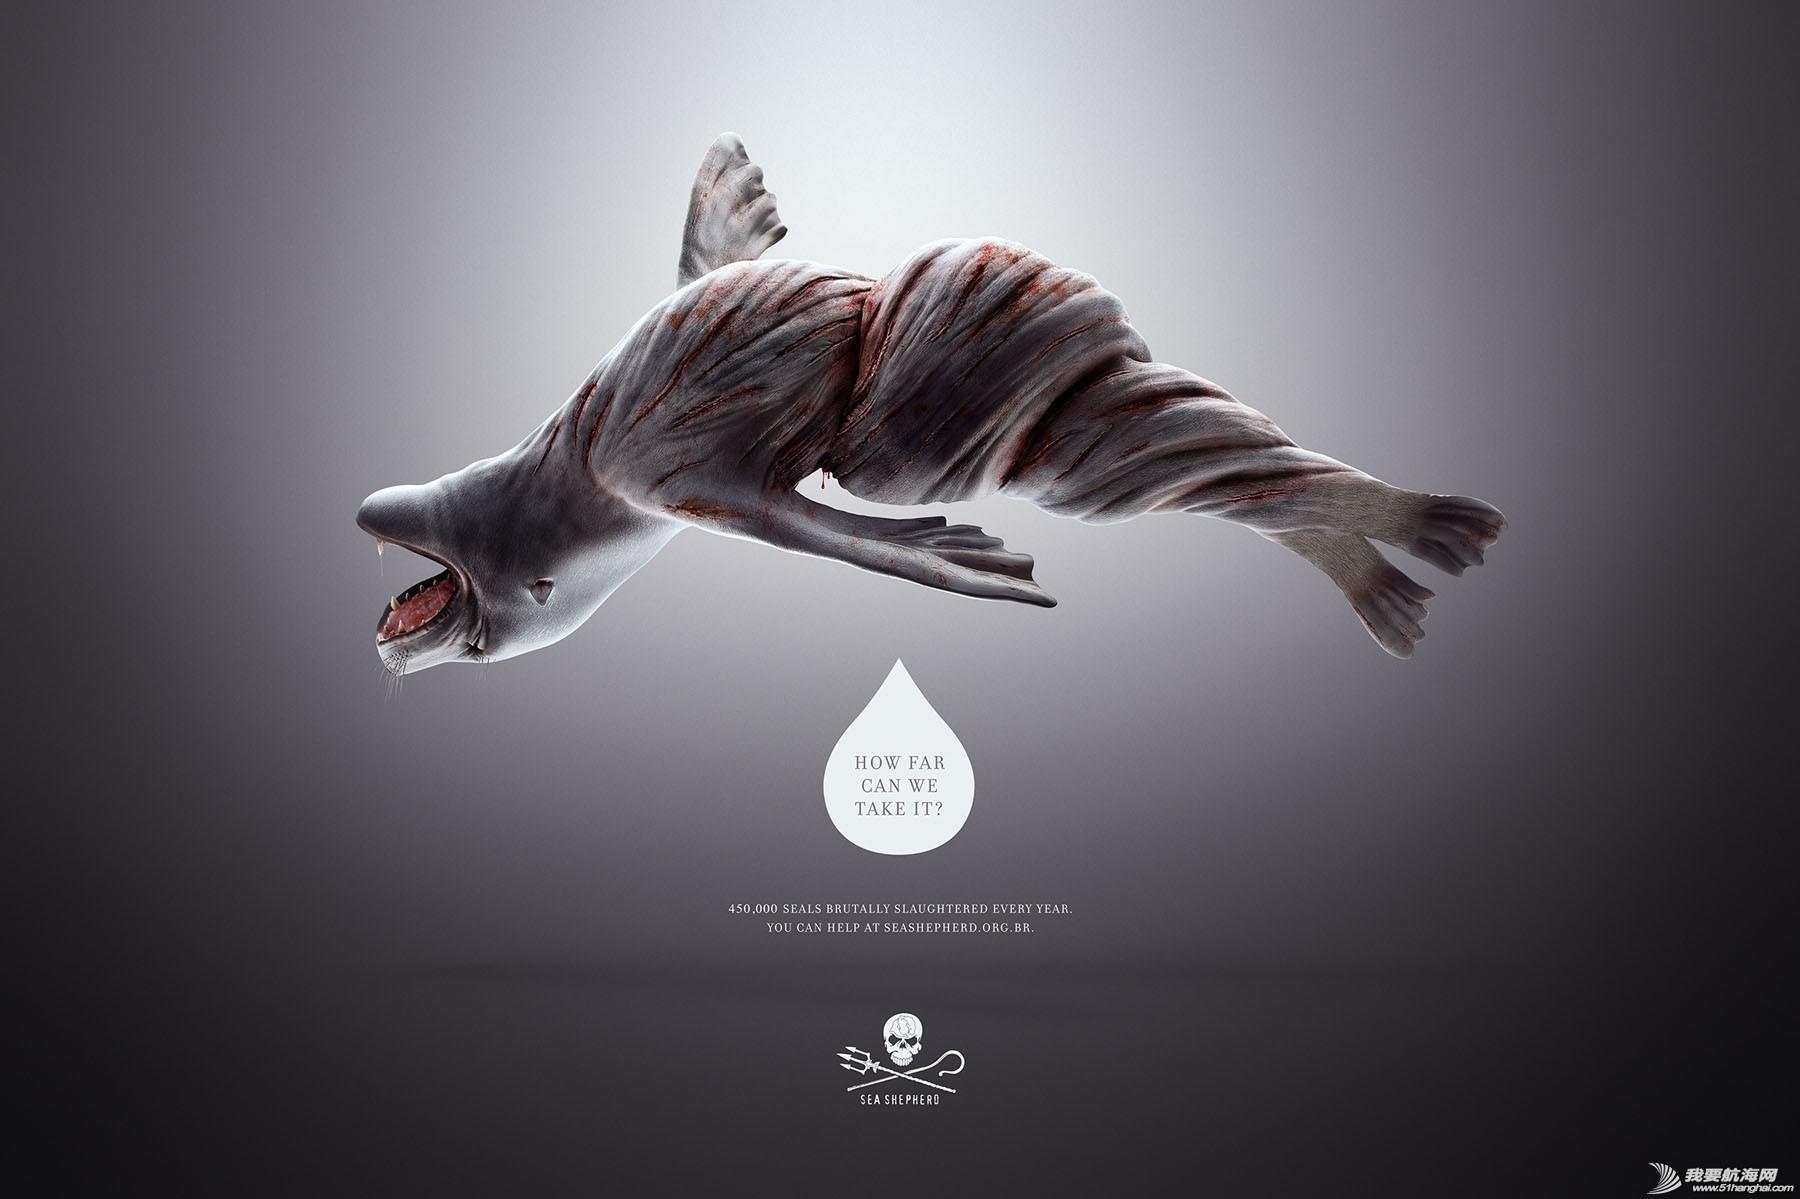 平面设计,海洋,动物 扭曲的海洋、生物 20130529041831142.jpg